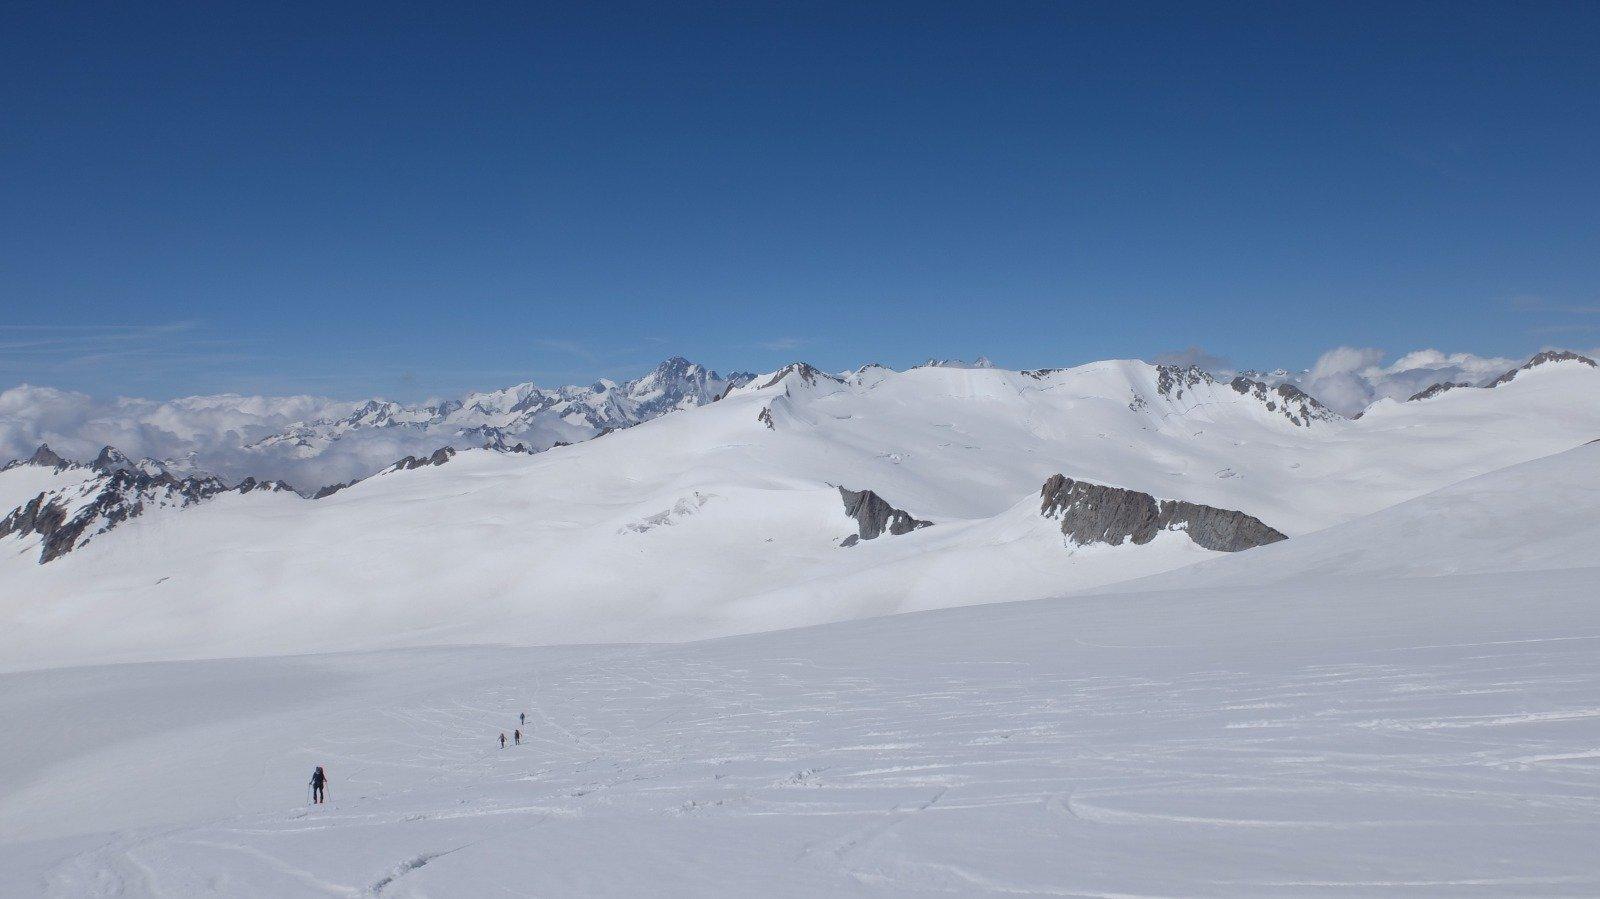 Quasi in cima al Dammastock si apre il panorama sulle vicine cime del ghiacciaio del Trift e sull'orizzonte più lontano